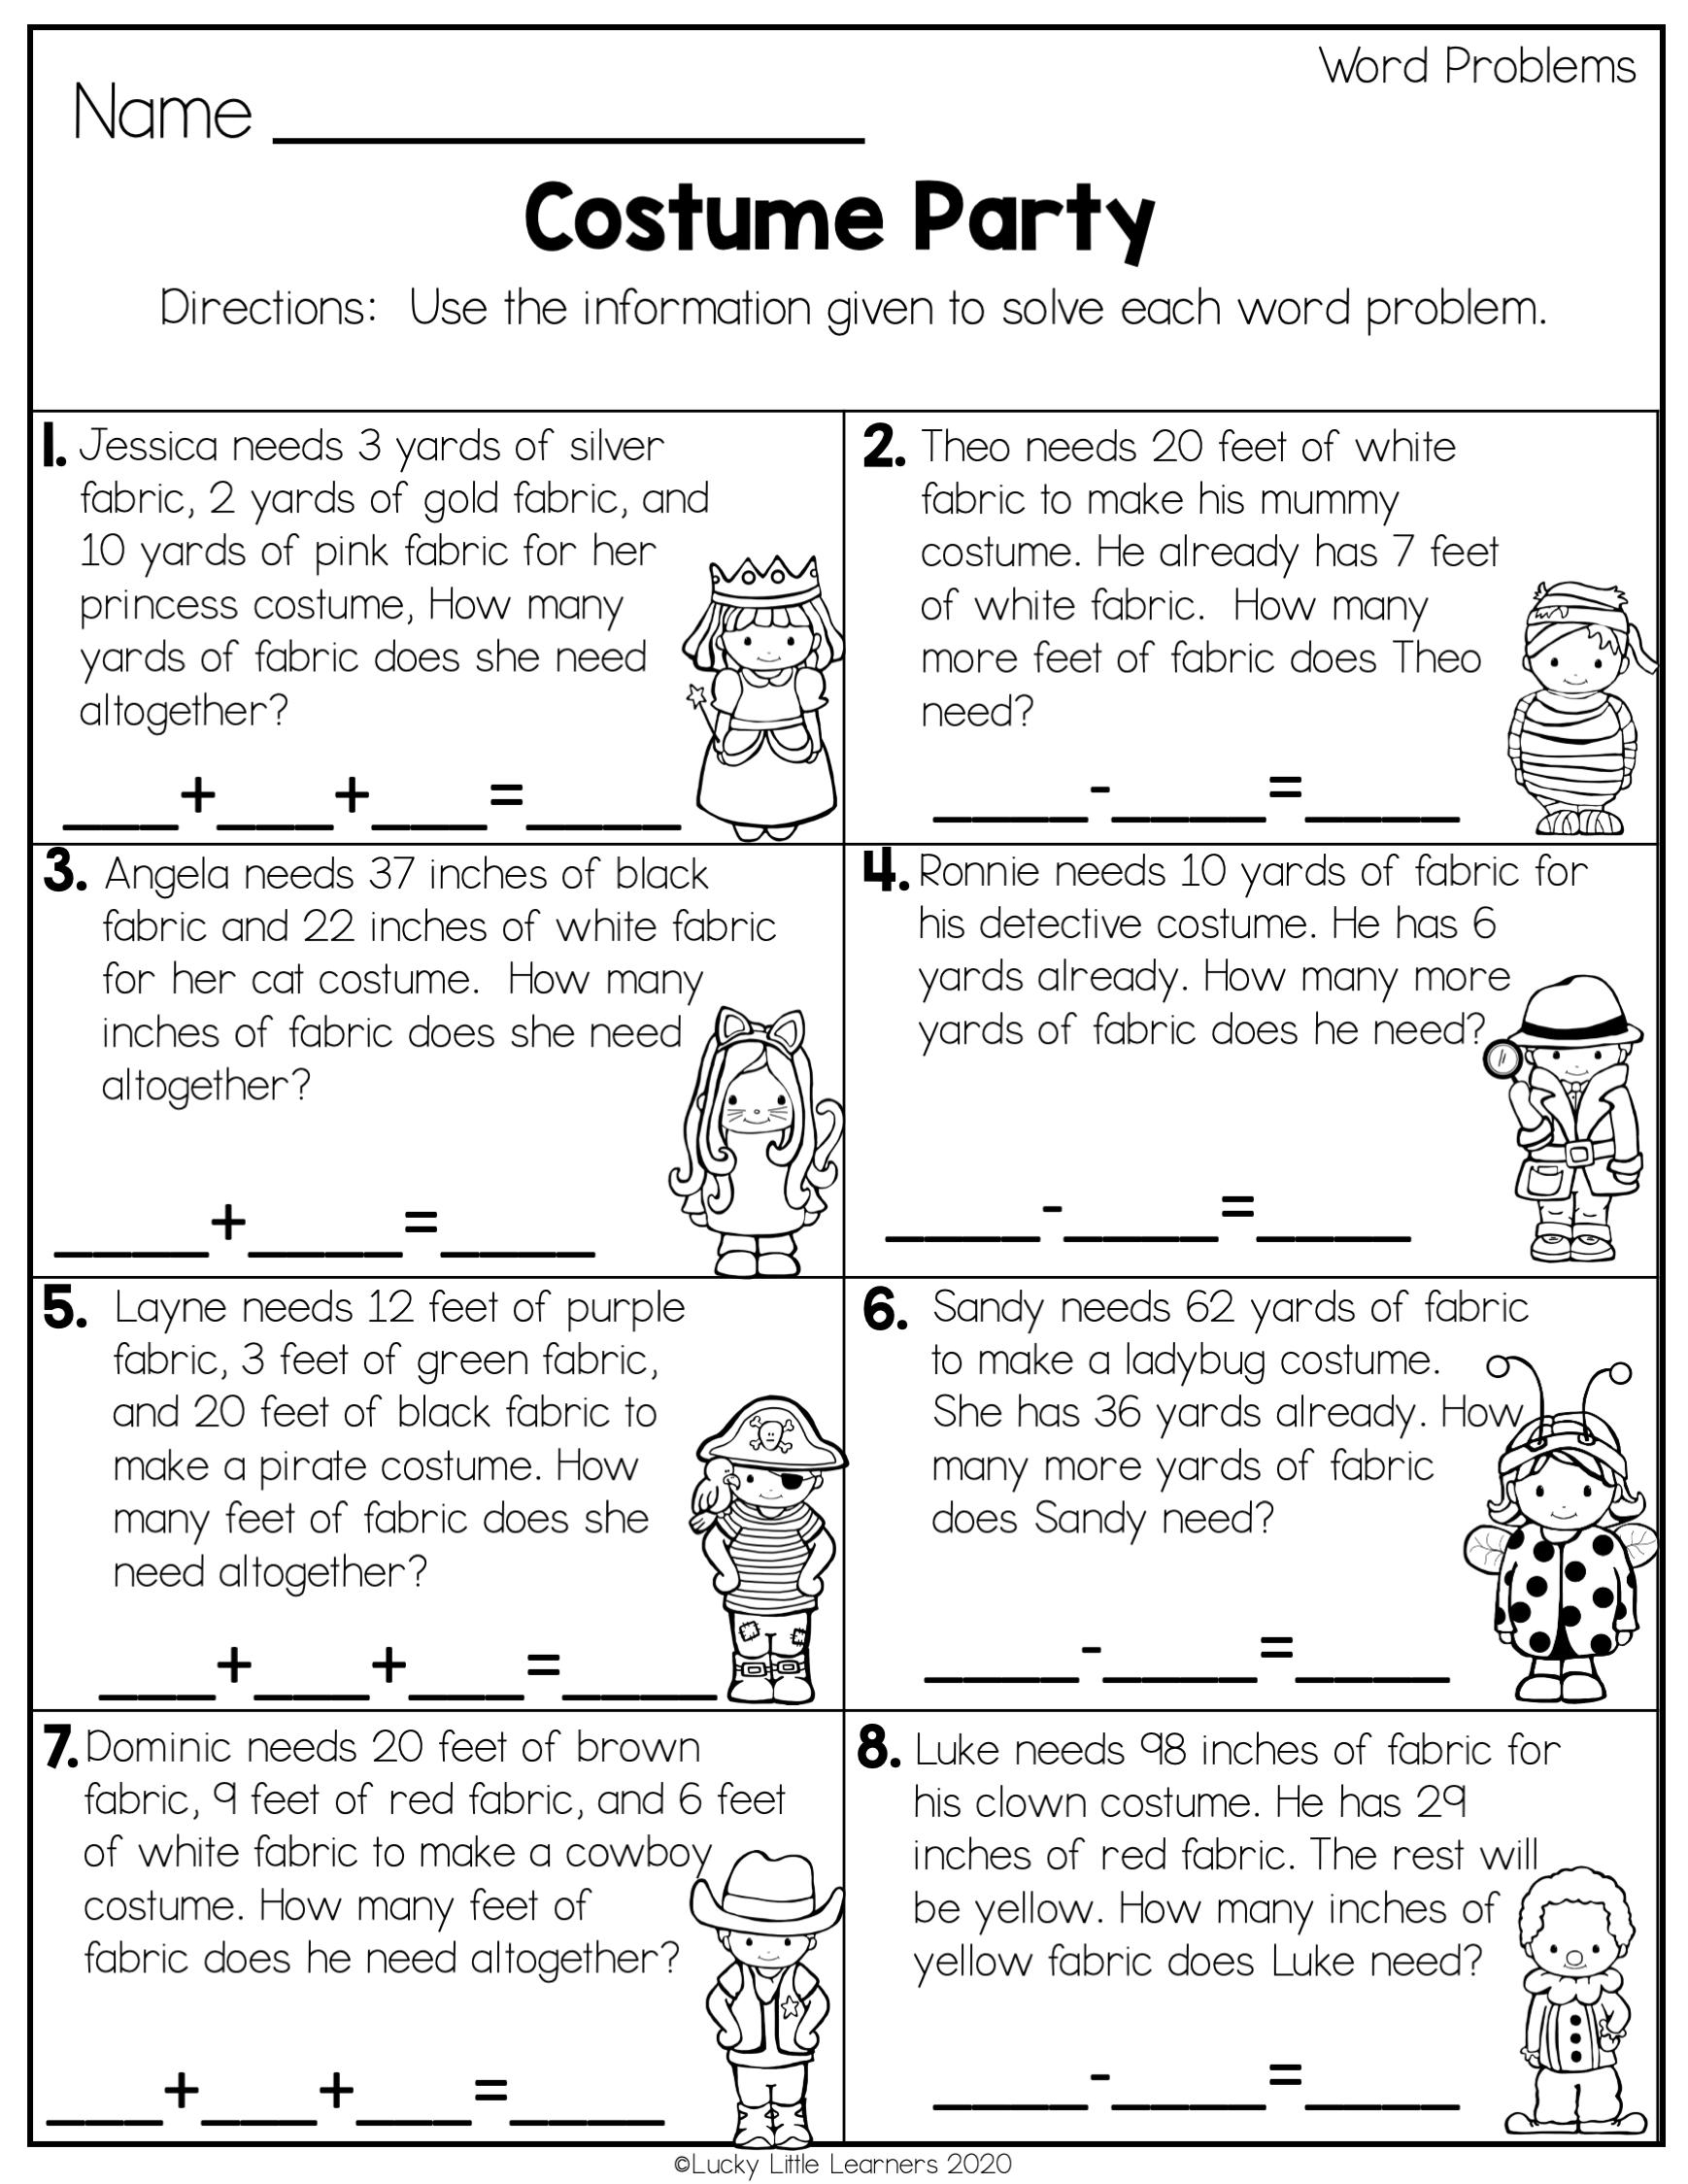 2nd grade word problem worksheets